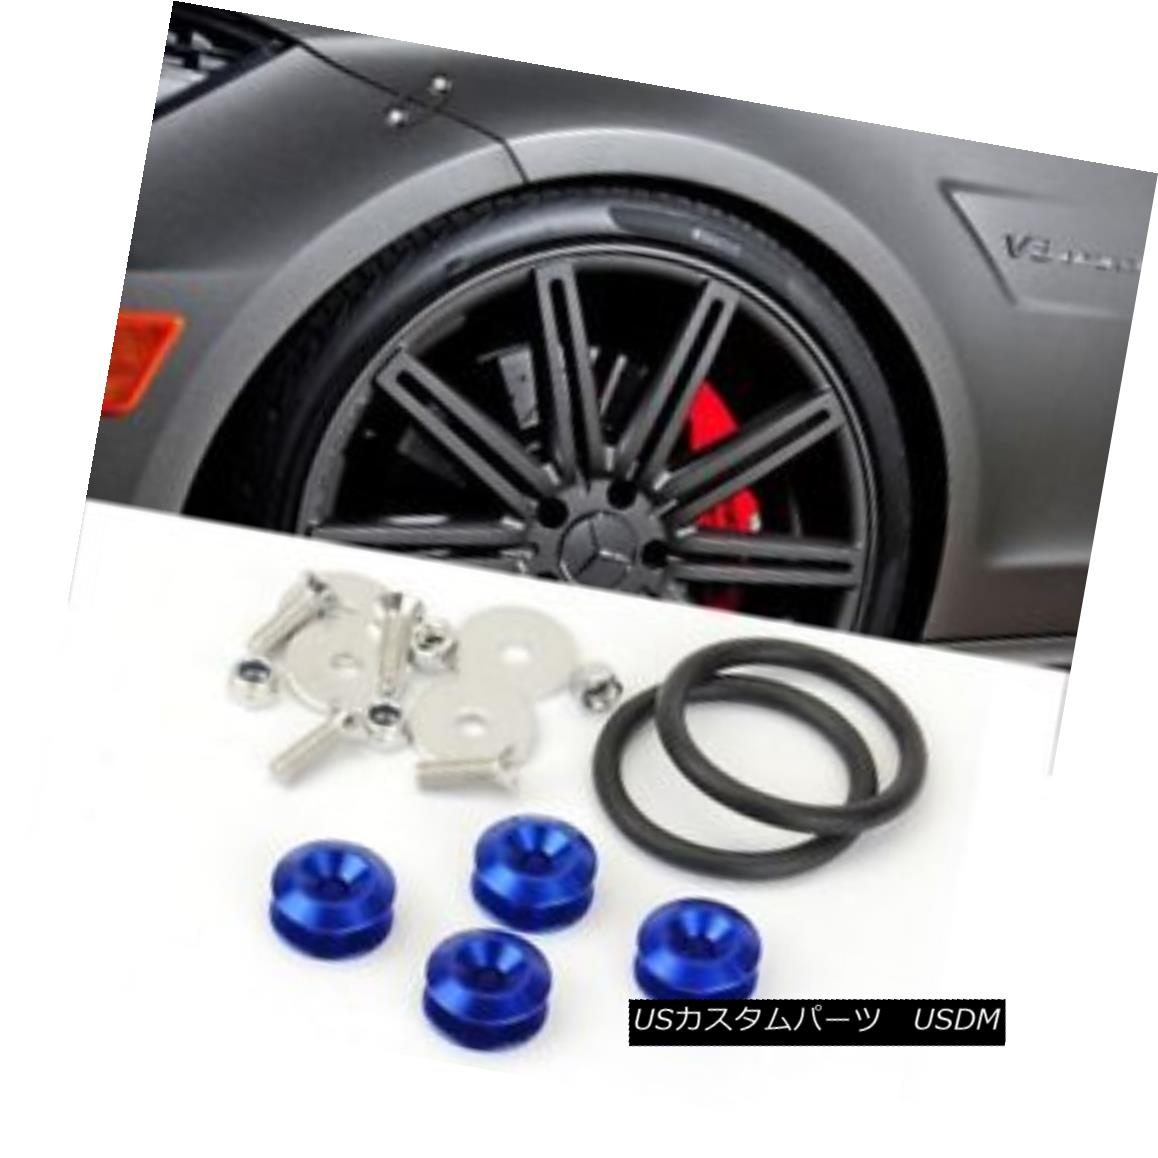 エアロパーツ Blue Bolt on Fast Quick Release Secure Kit For DODGE GMC Front Rear Bumper Lip 青いボルトは速いクイックリリースで安全なキットはドッジGMCのフロントリアバンパーリップ